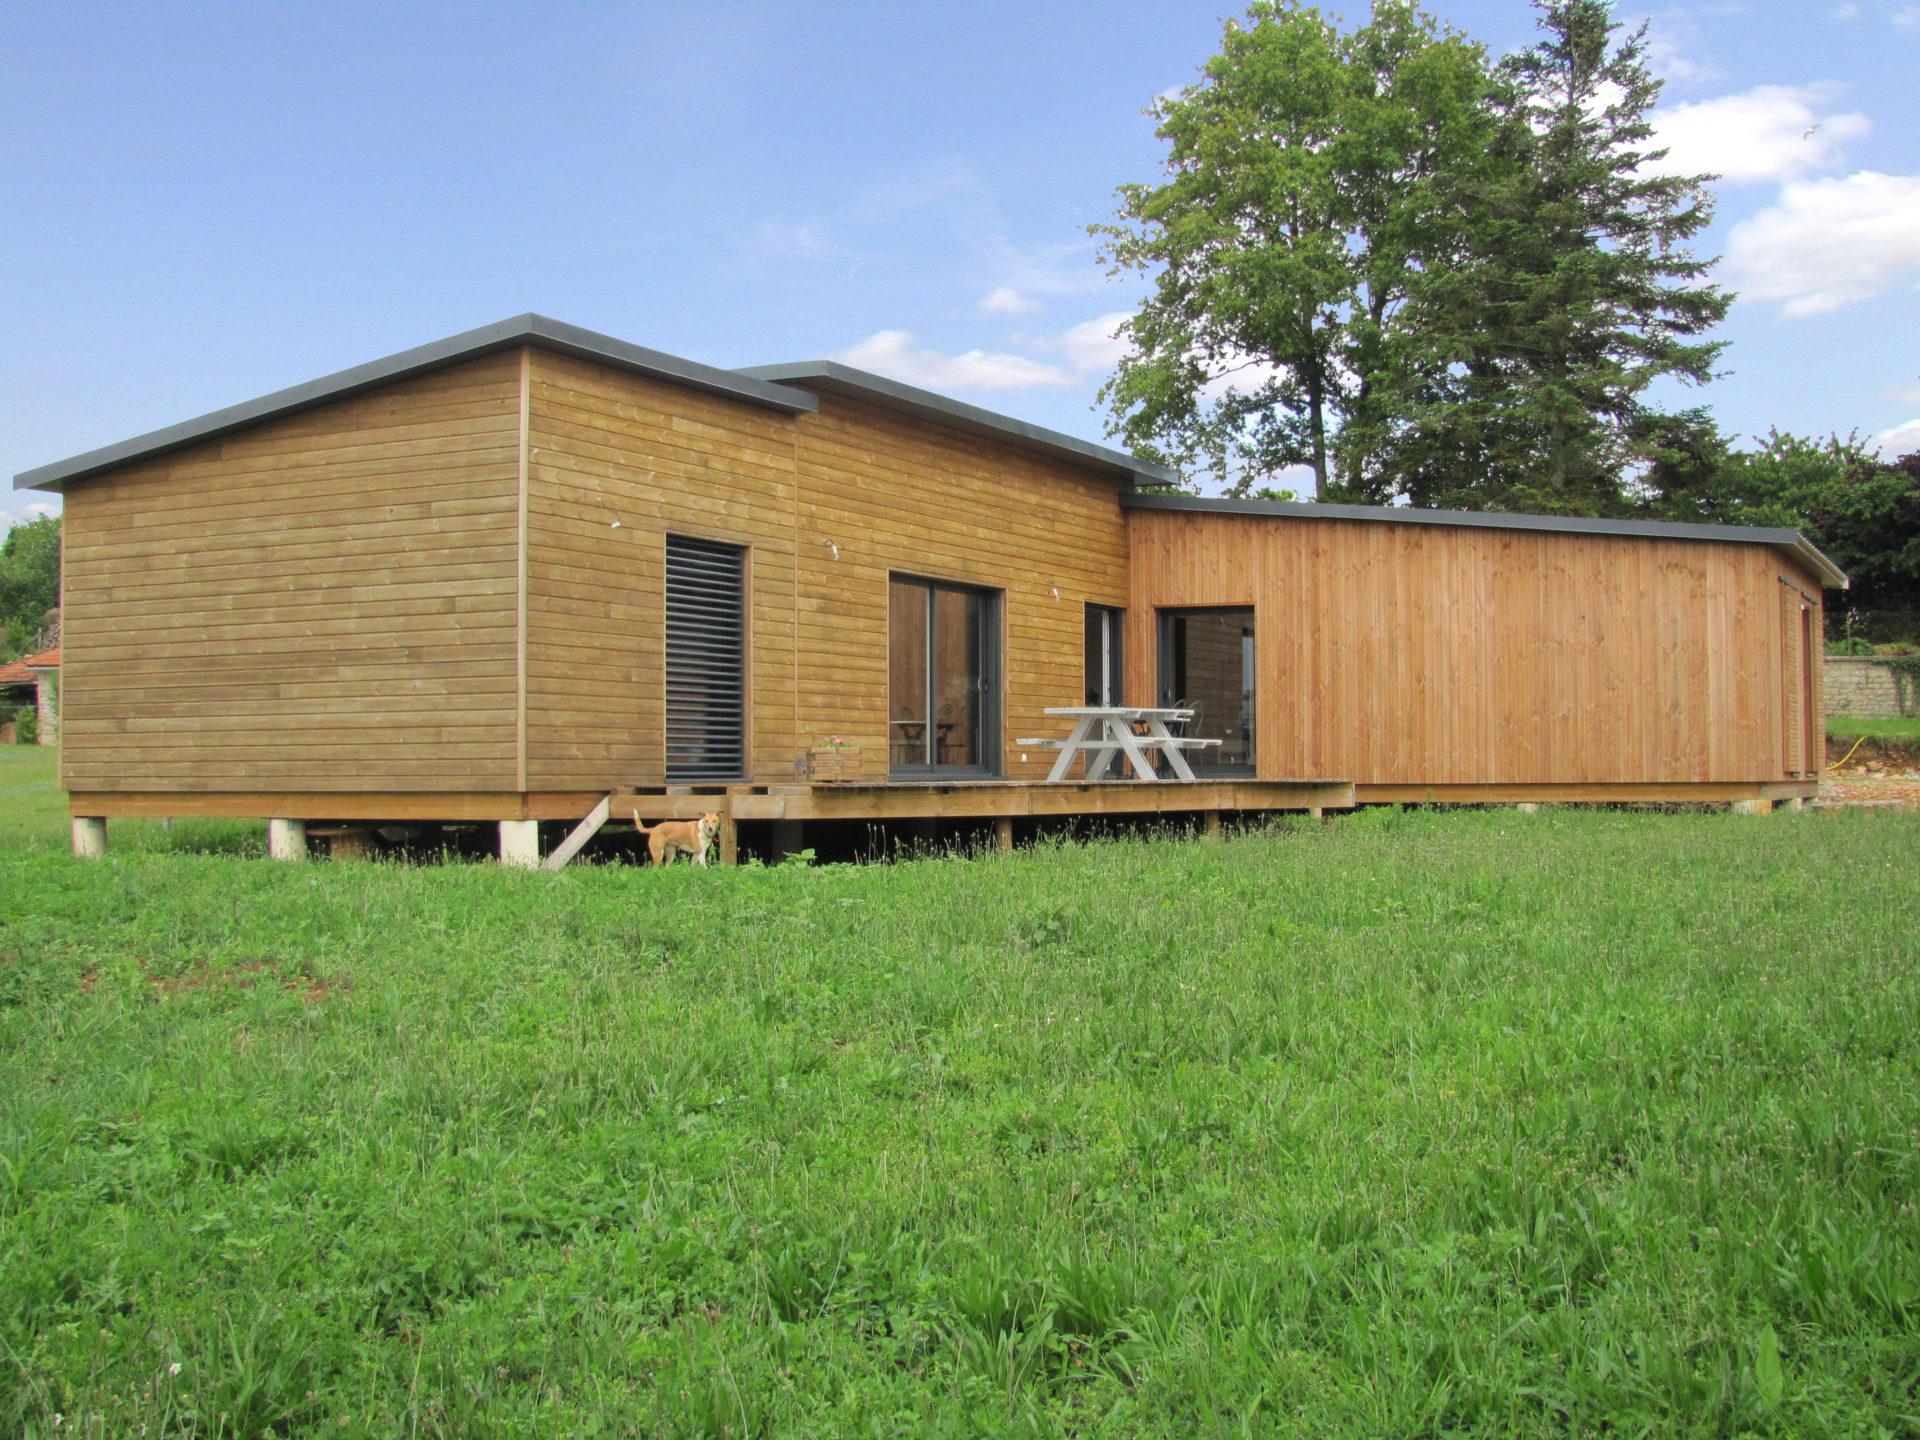 ma maison bois maison bois de m la roche sur yon vende maison bois de m gorges loire. Black Bedroom Furniture Sets. Home Design Ideas